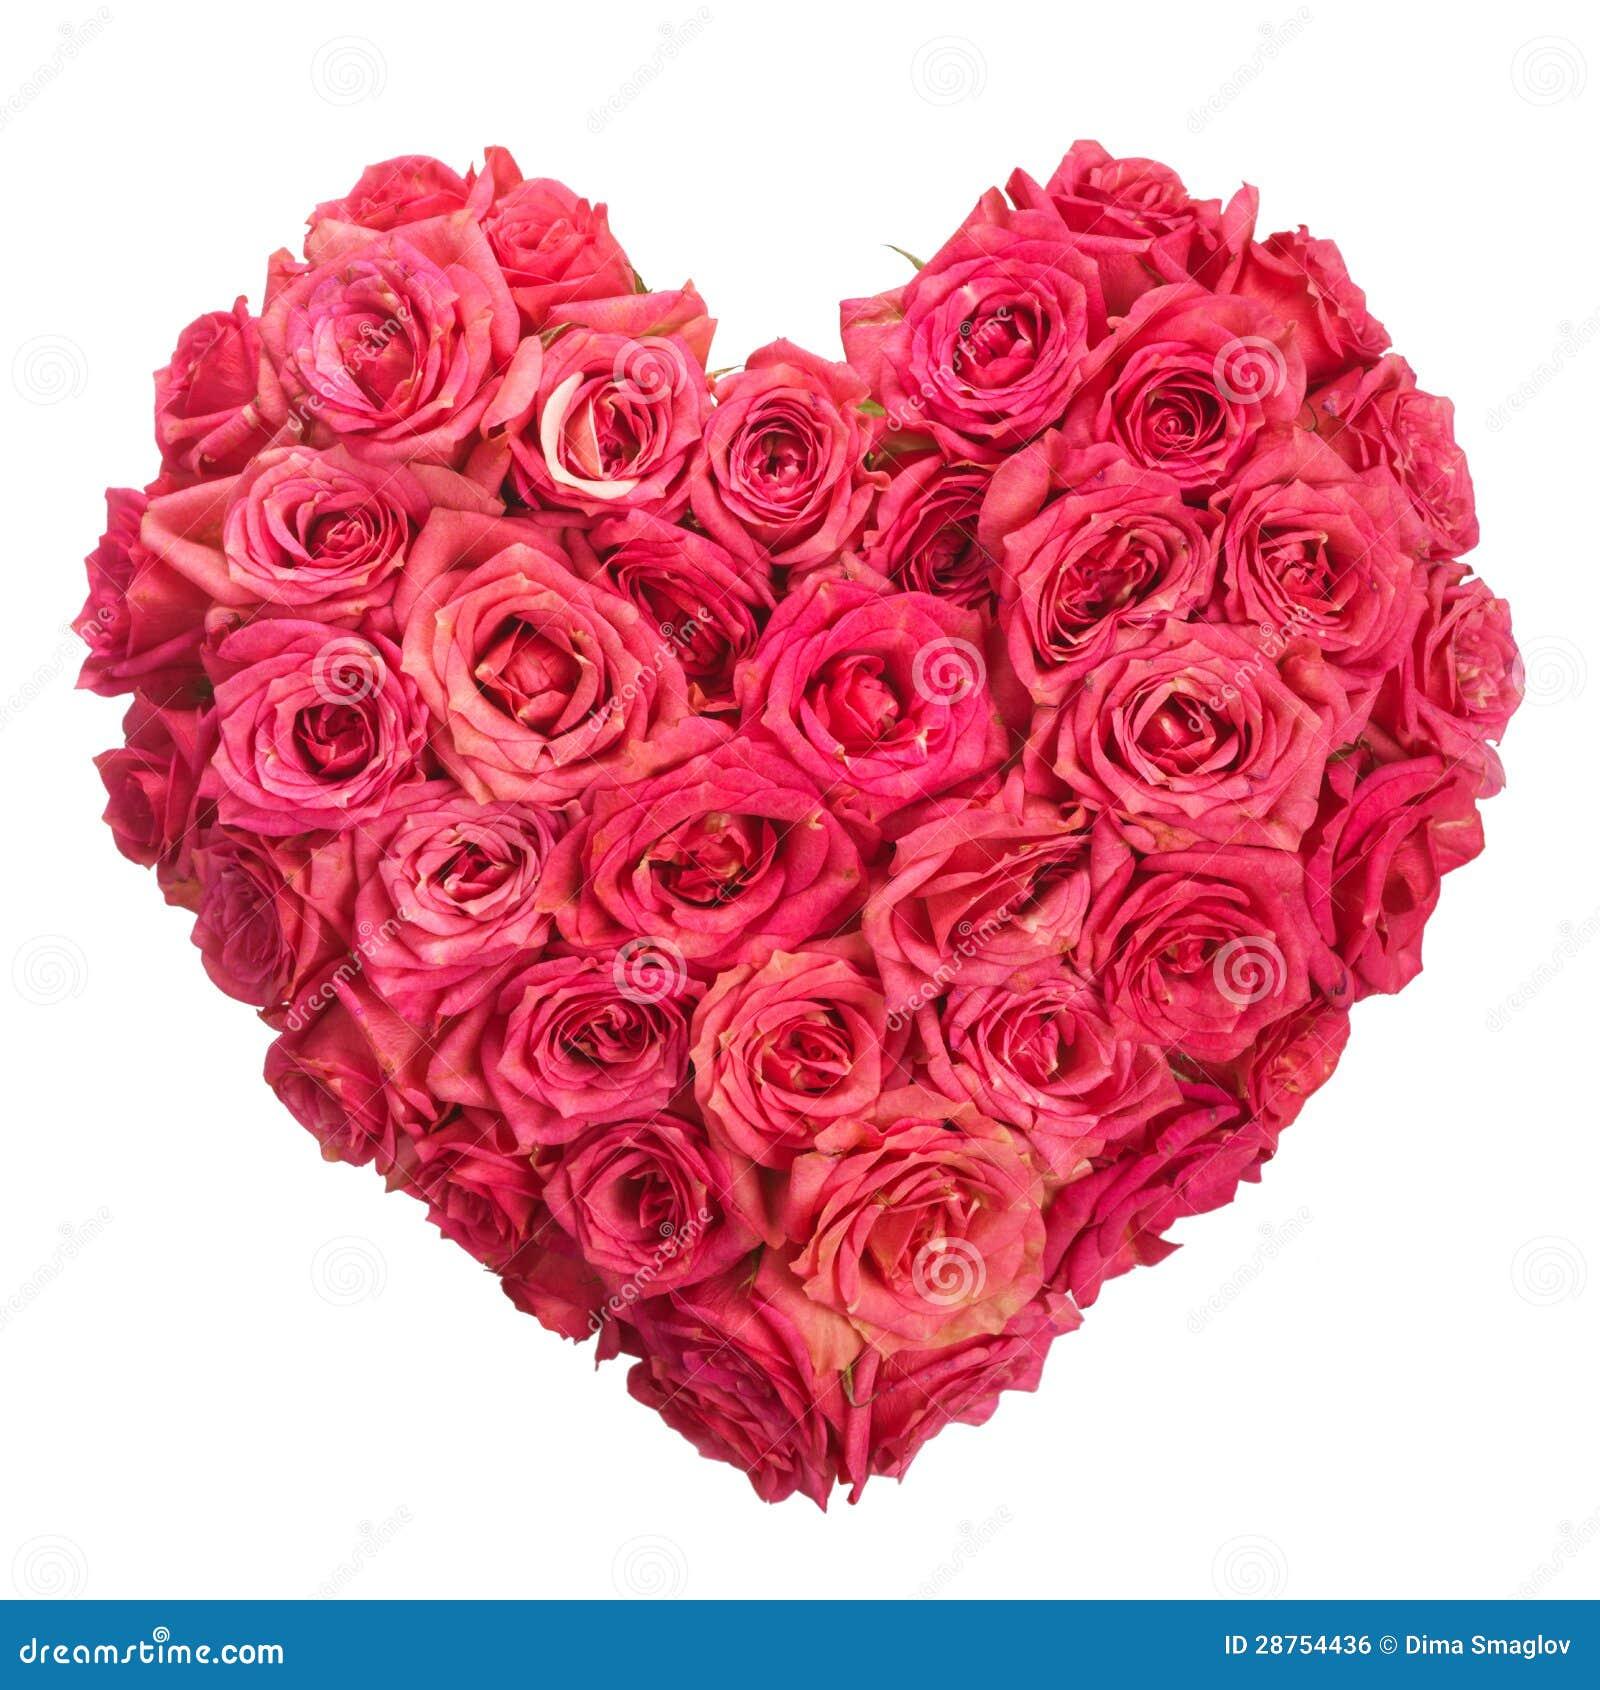 Rosa floresce o coração sobre o branco. Valentim. Amor